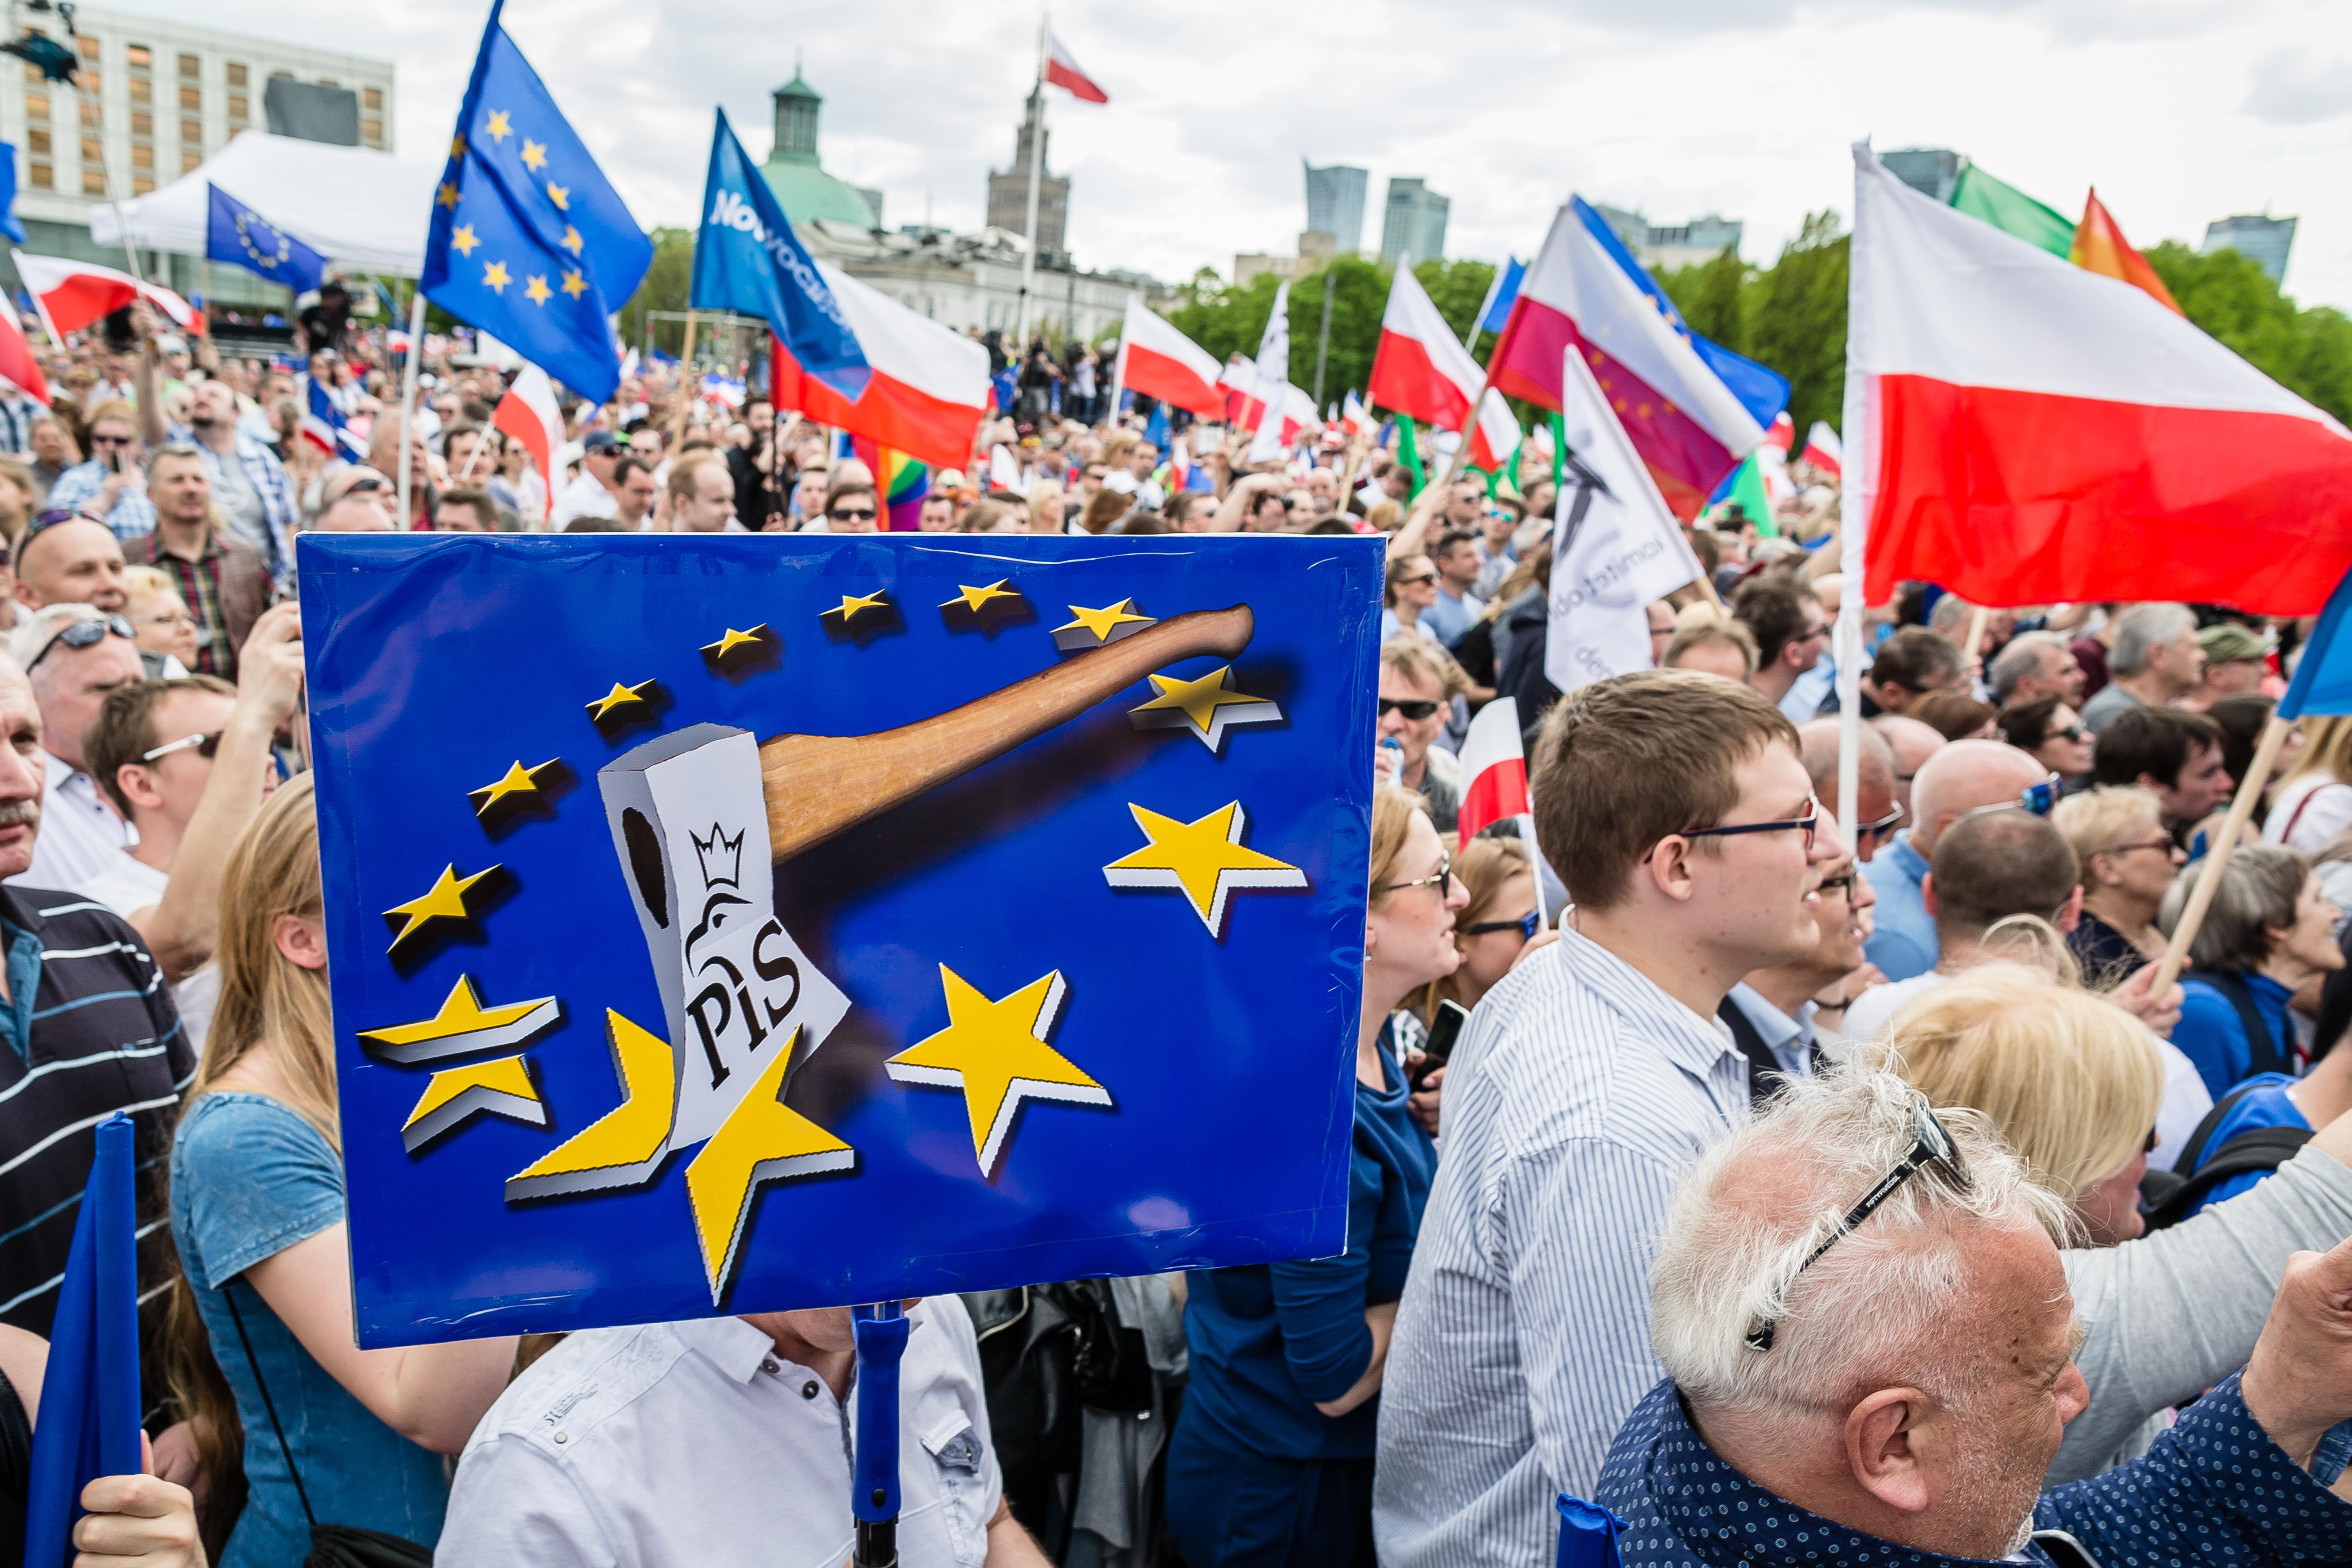 Több tízezres tömegtüntetés volt Varsóban a lengyel kormány ellen és az EU mellett